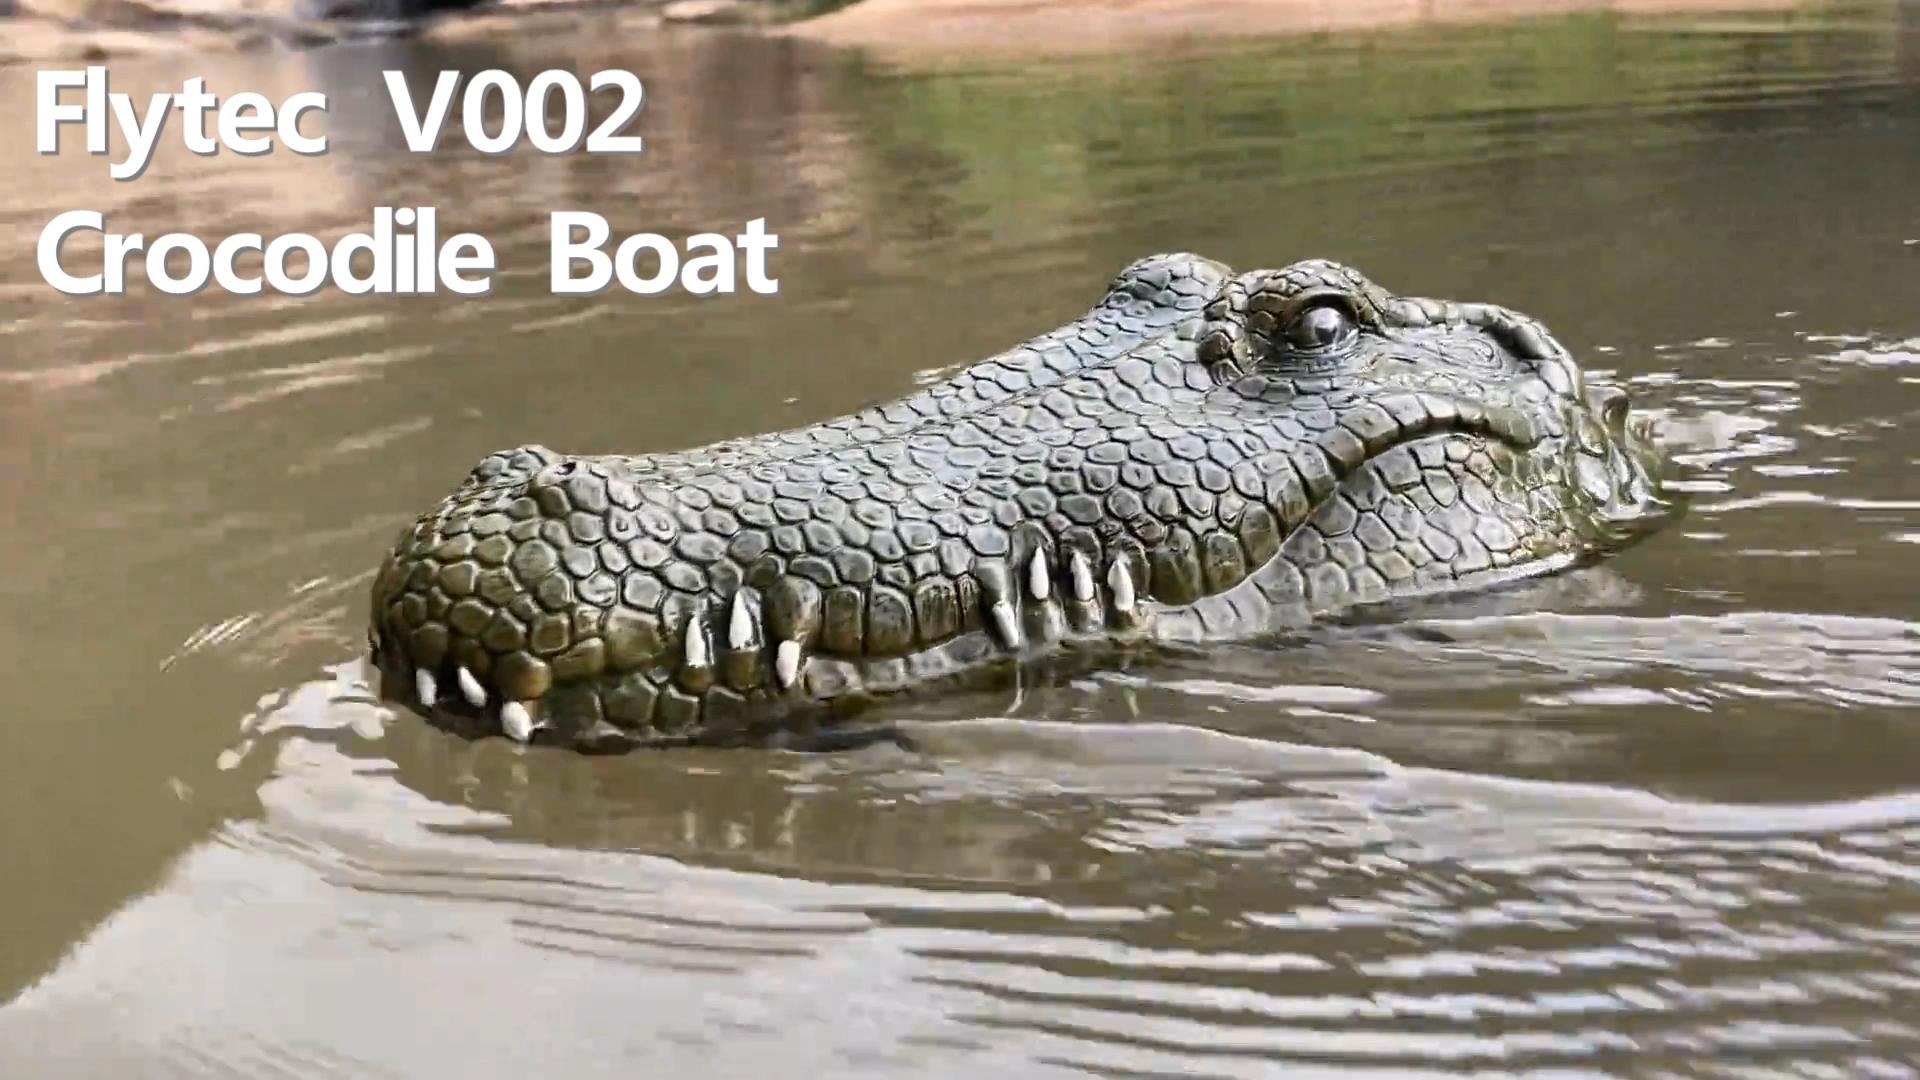 Flytec V002 RC Boat Mainan 2.4G Remote Control Perahu Listrik untuk Kolam Renang Float dengan Simulasi Buaya Kepala Spoof mainan